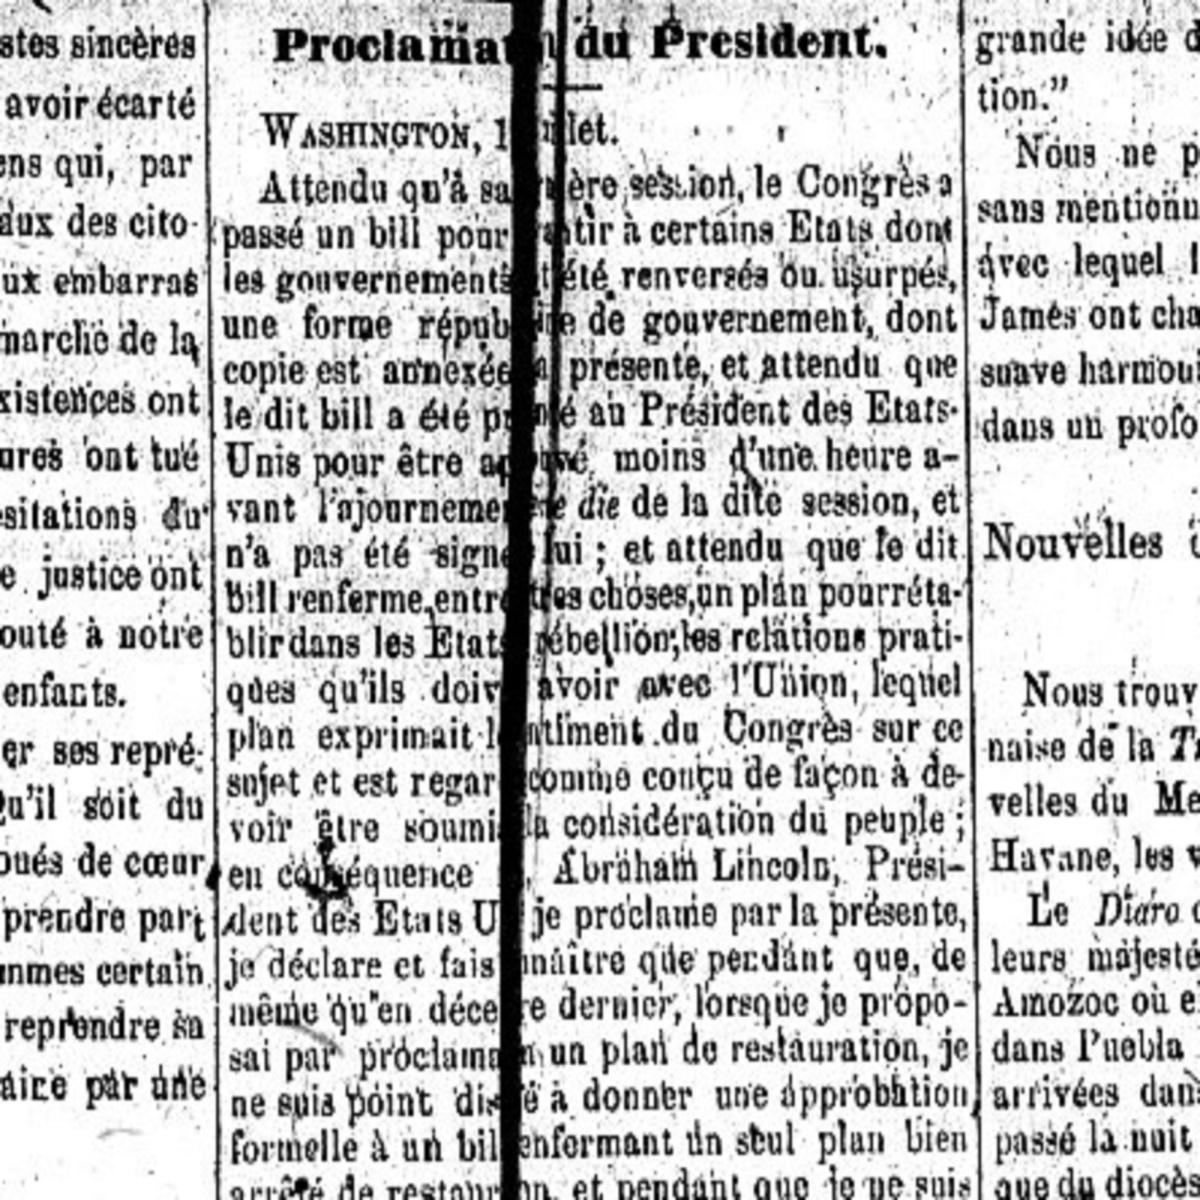 Témoignage d'un massacre annoncé : Il y a 150 ans à la Nouvelle-Orléans... - Clint Bruce